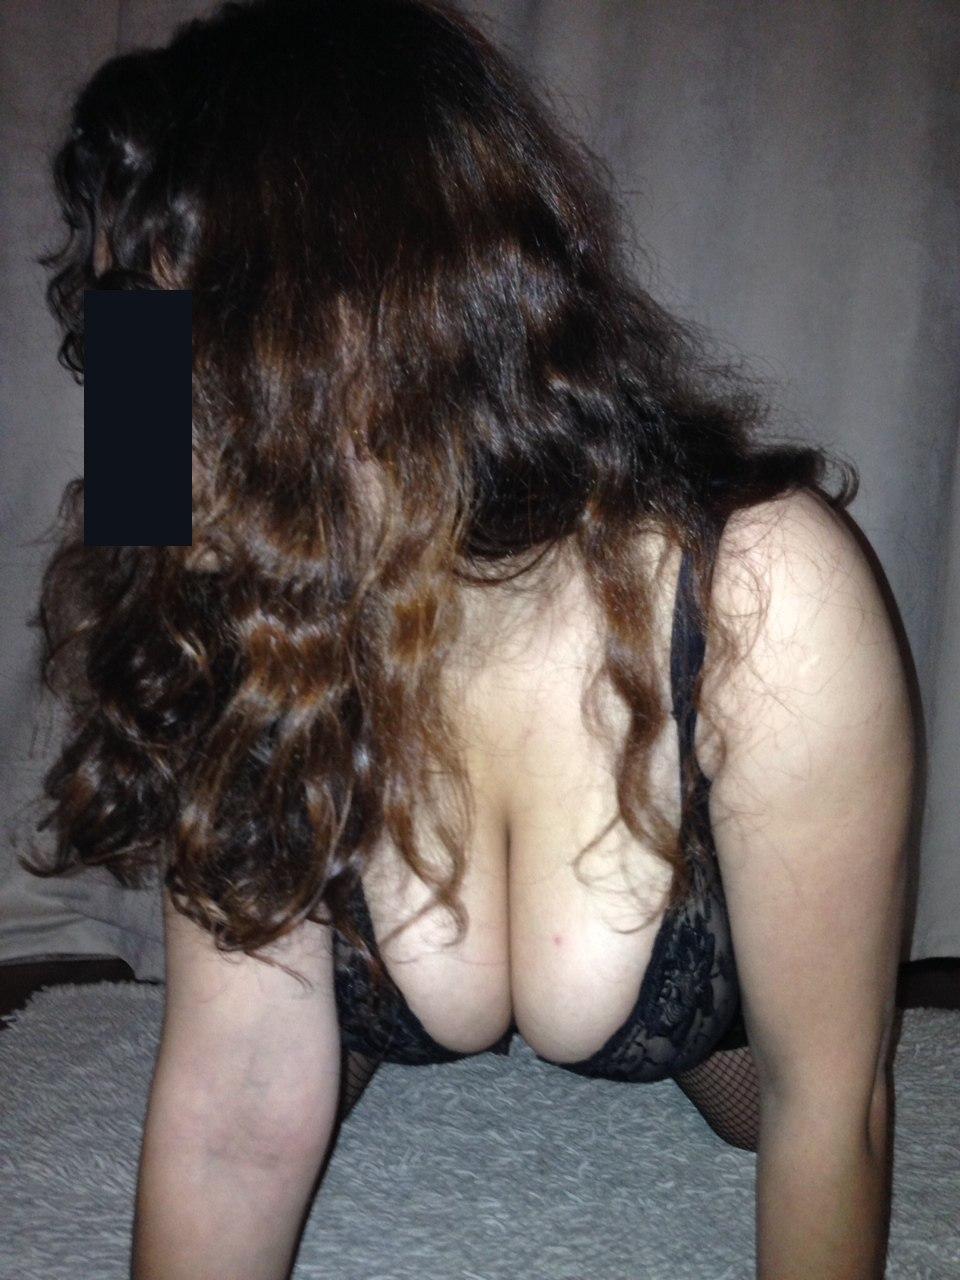 Хочу секс виртуально в скайпе бесплатно 17 фотография